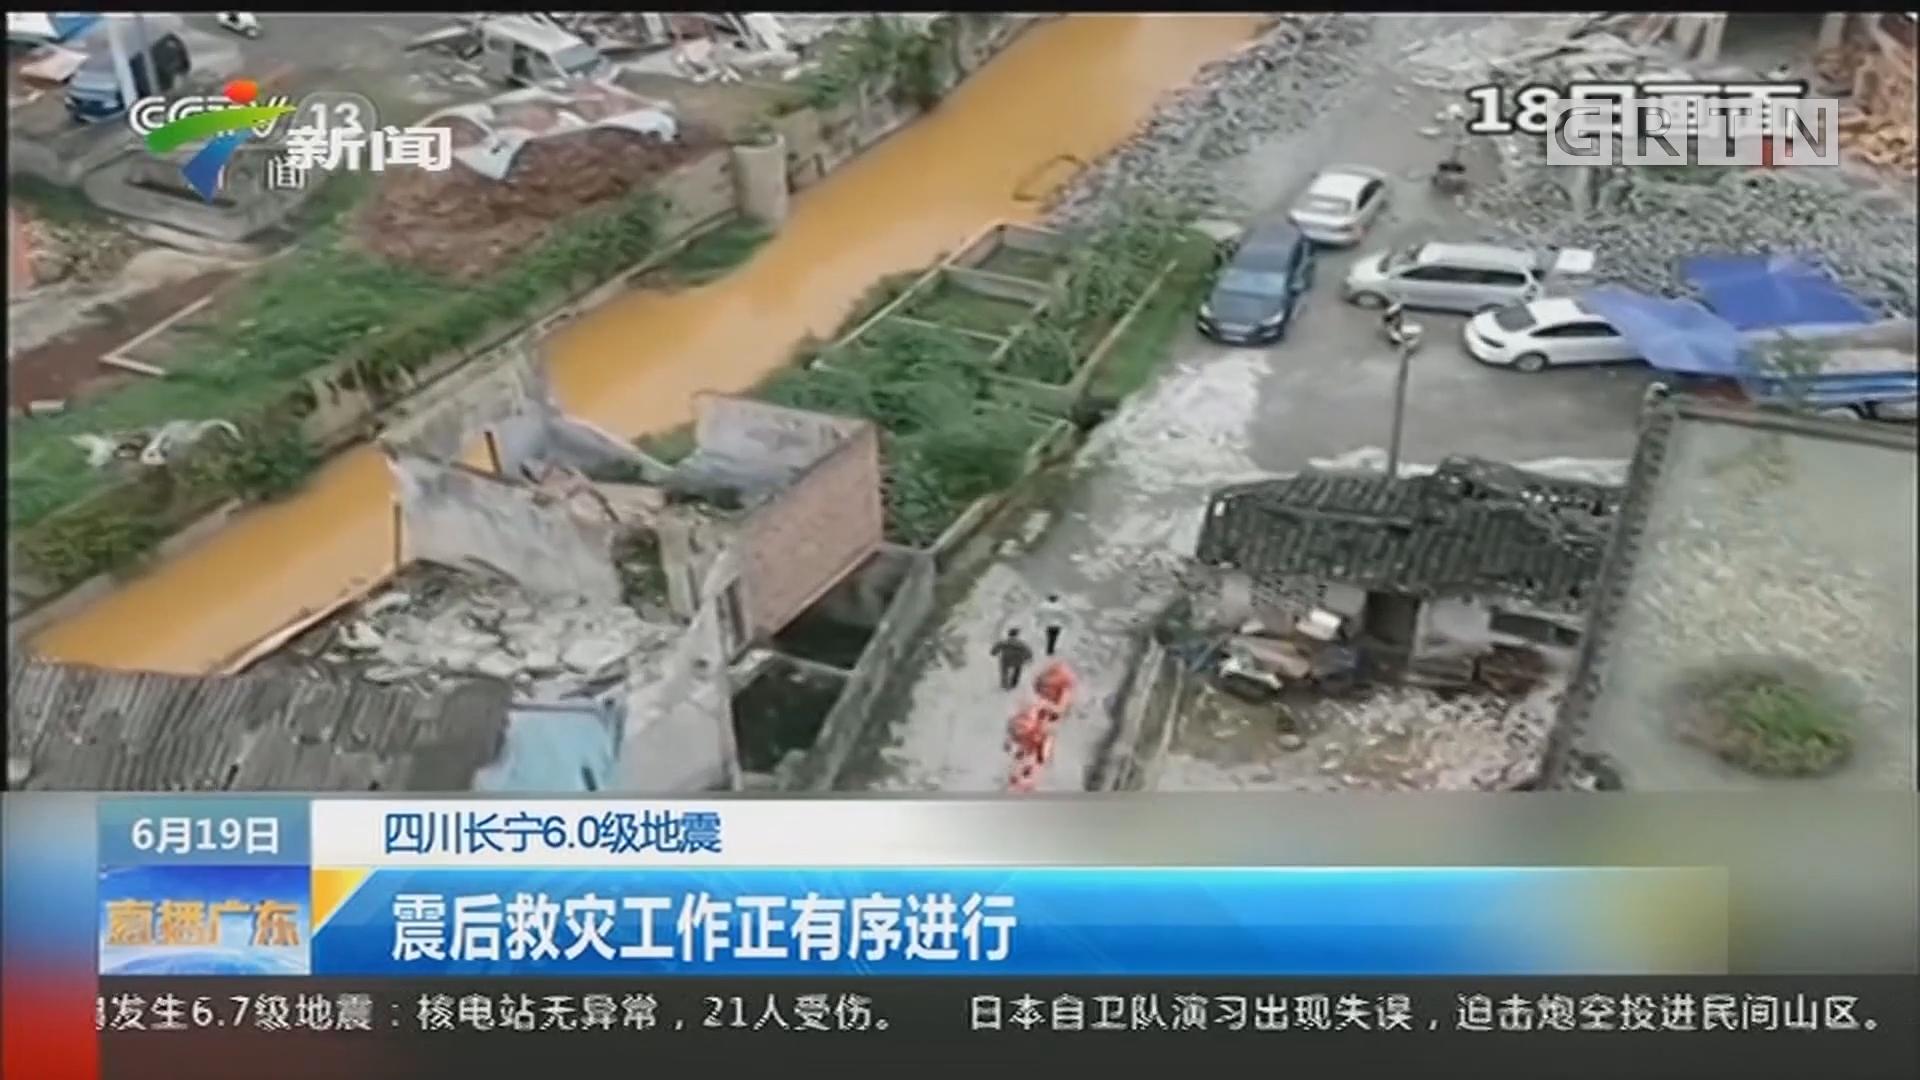 四川长宁6.0级地震:震后救灾工作有序进行